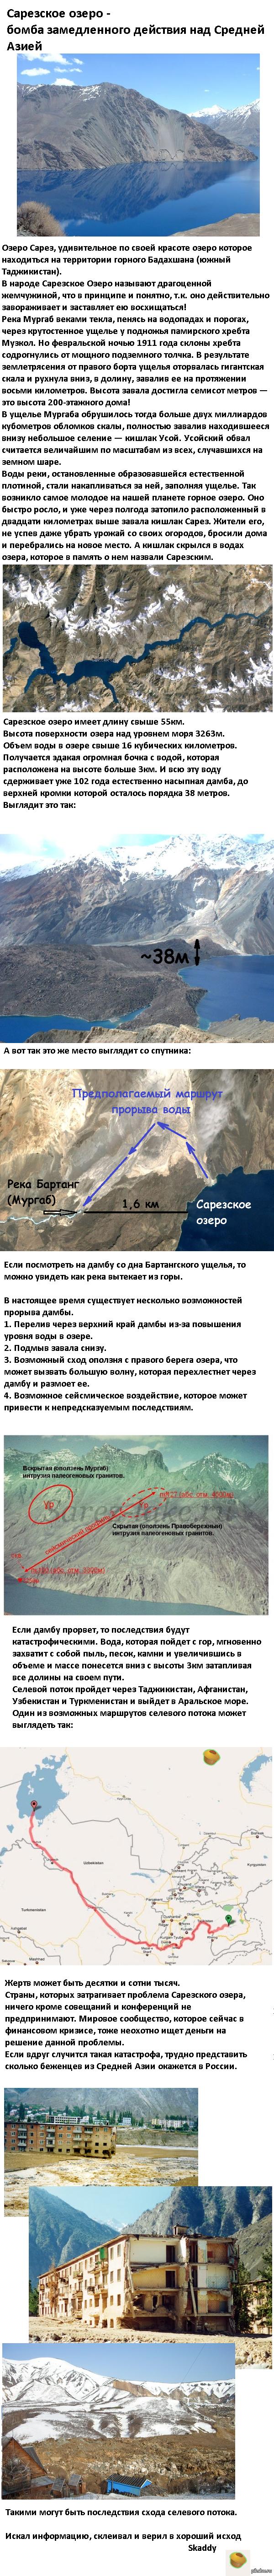 Сарезское озеро. О существующей по сей день природной бомбе замедленного действия.